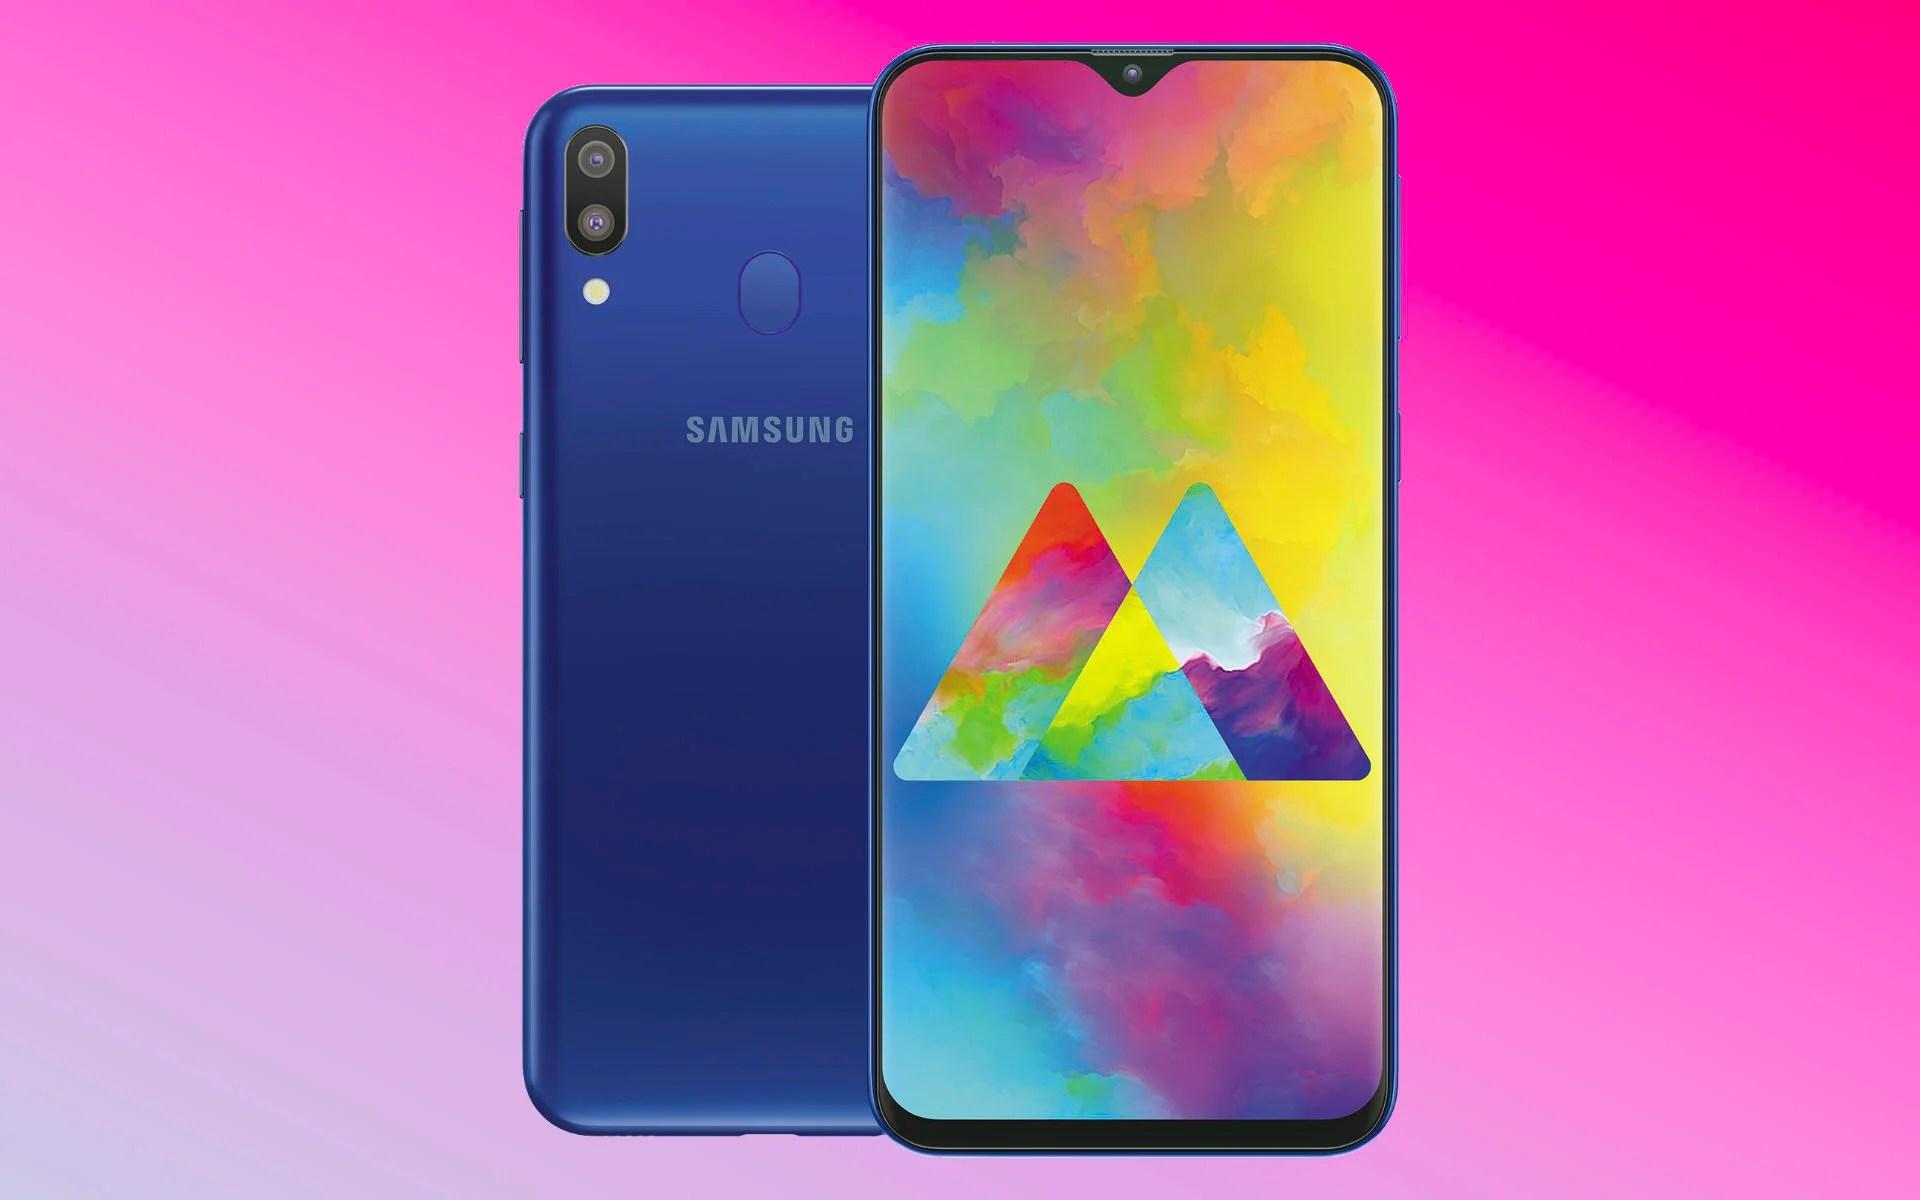 Galaxy M10 et M20 : les premiers smartphones à encoche de Samsung sont officiels, voici leurs caractéristiques